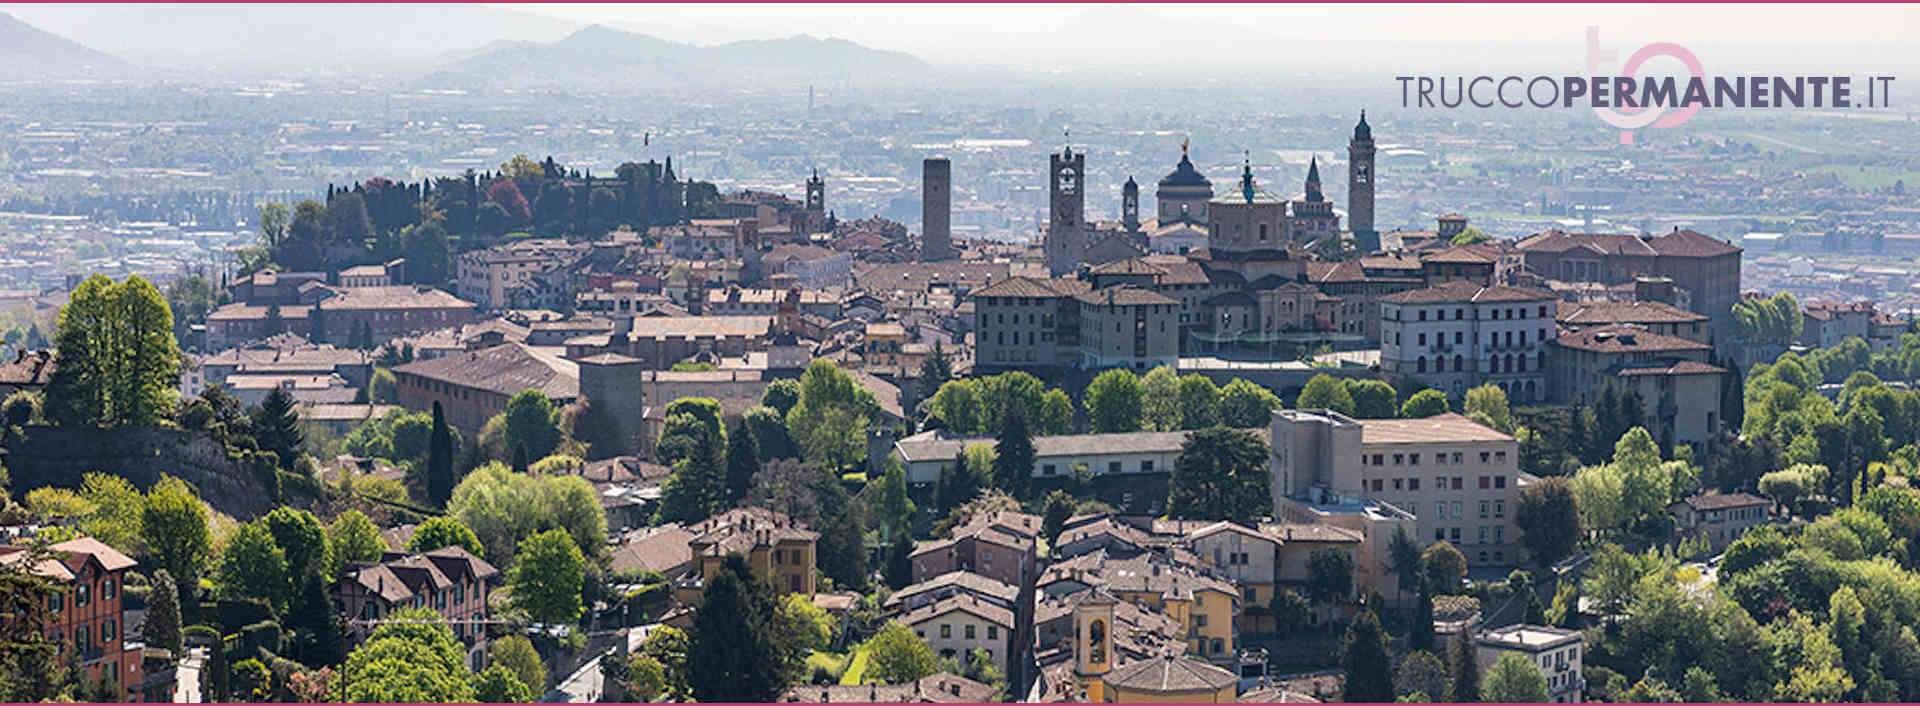 Corso Trucco Permanente Bergamo